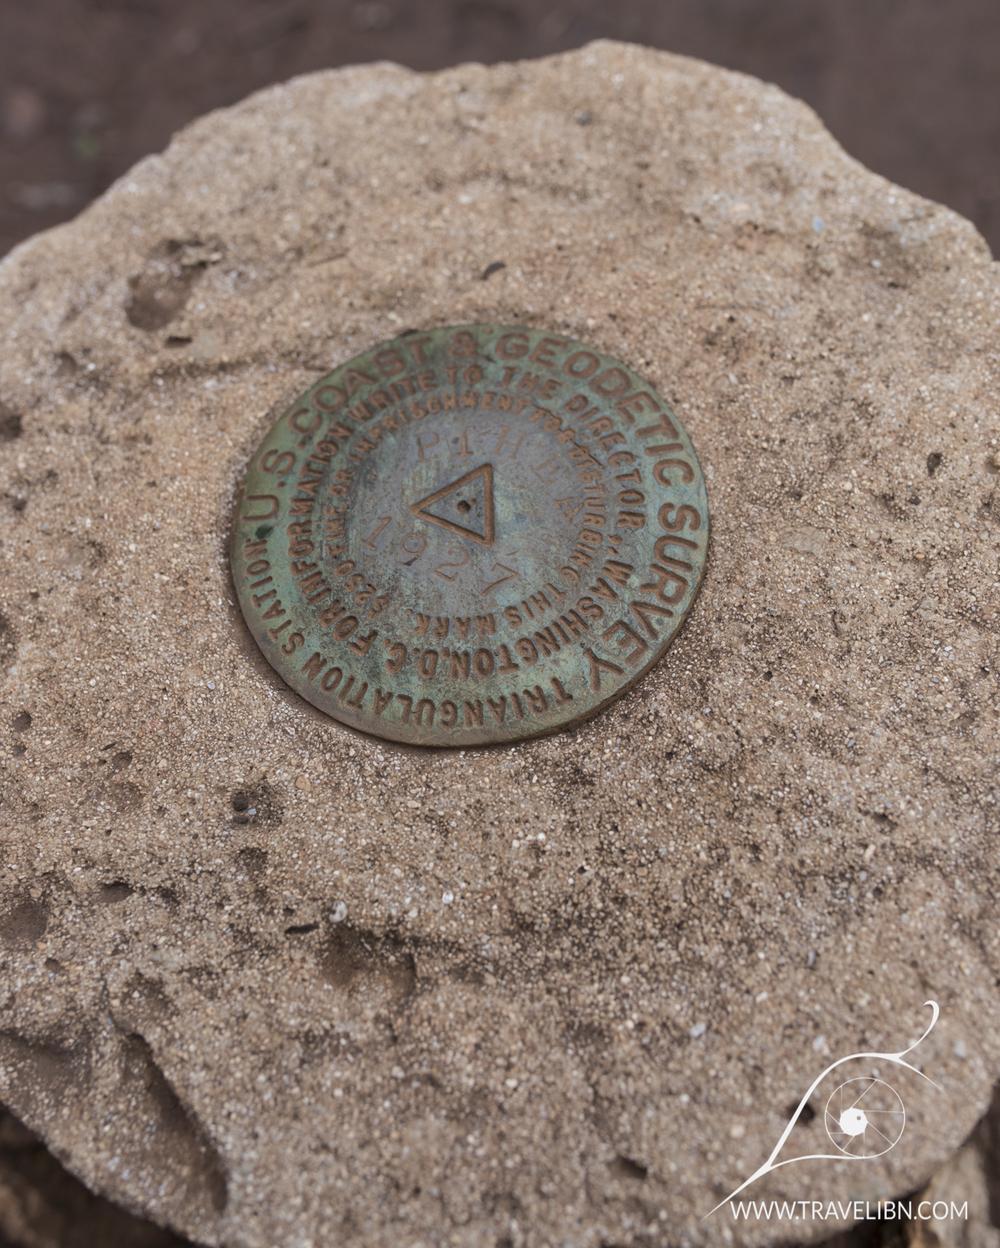 1927 US Coast &Geodetic Survey Benchmark